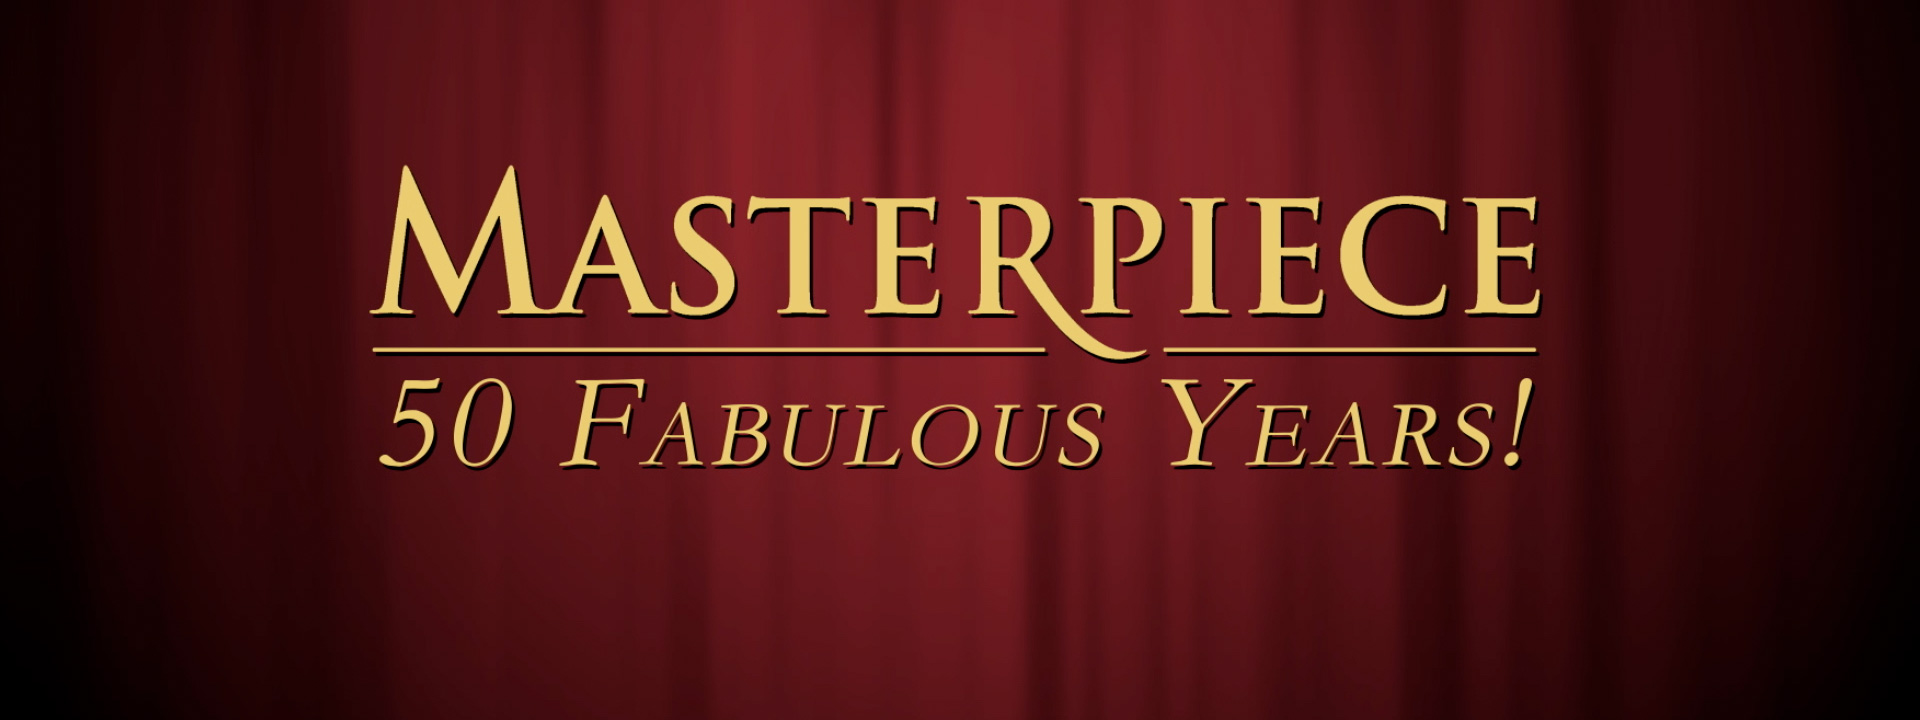 Celebrating 50 Fabulous Years of Masterpiece